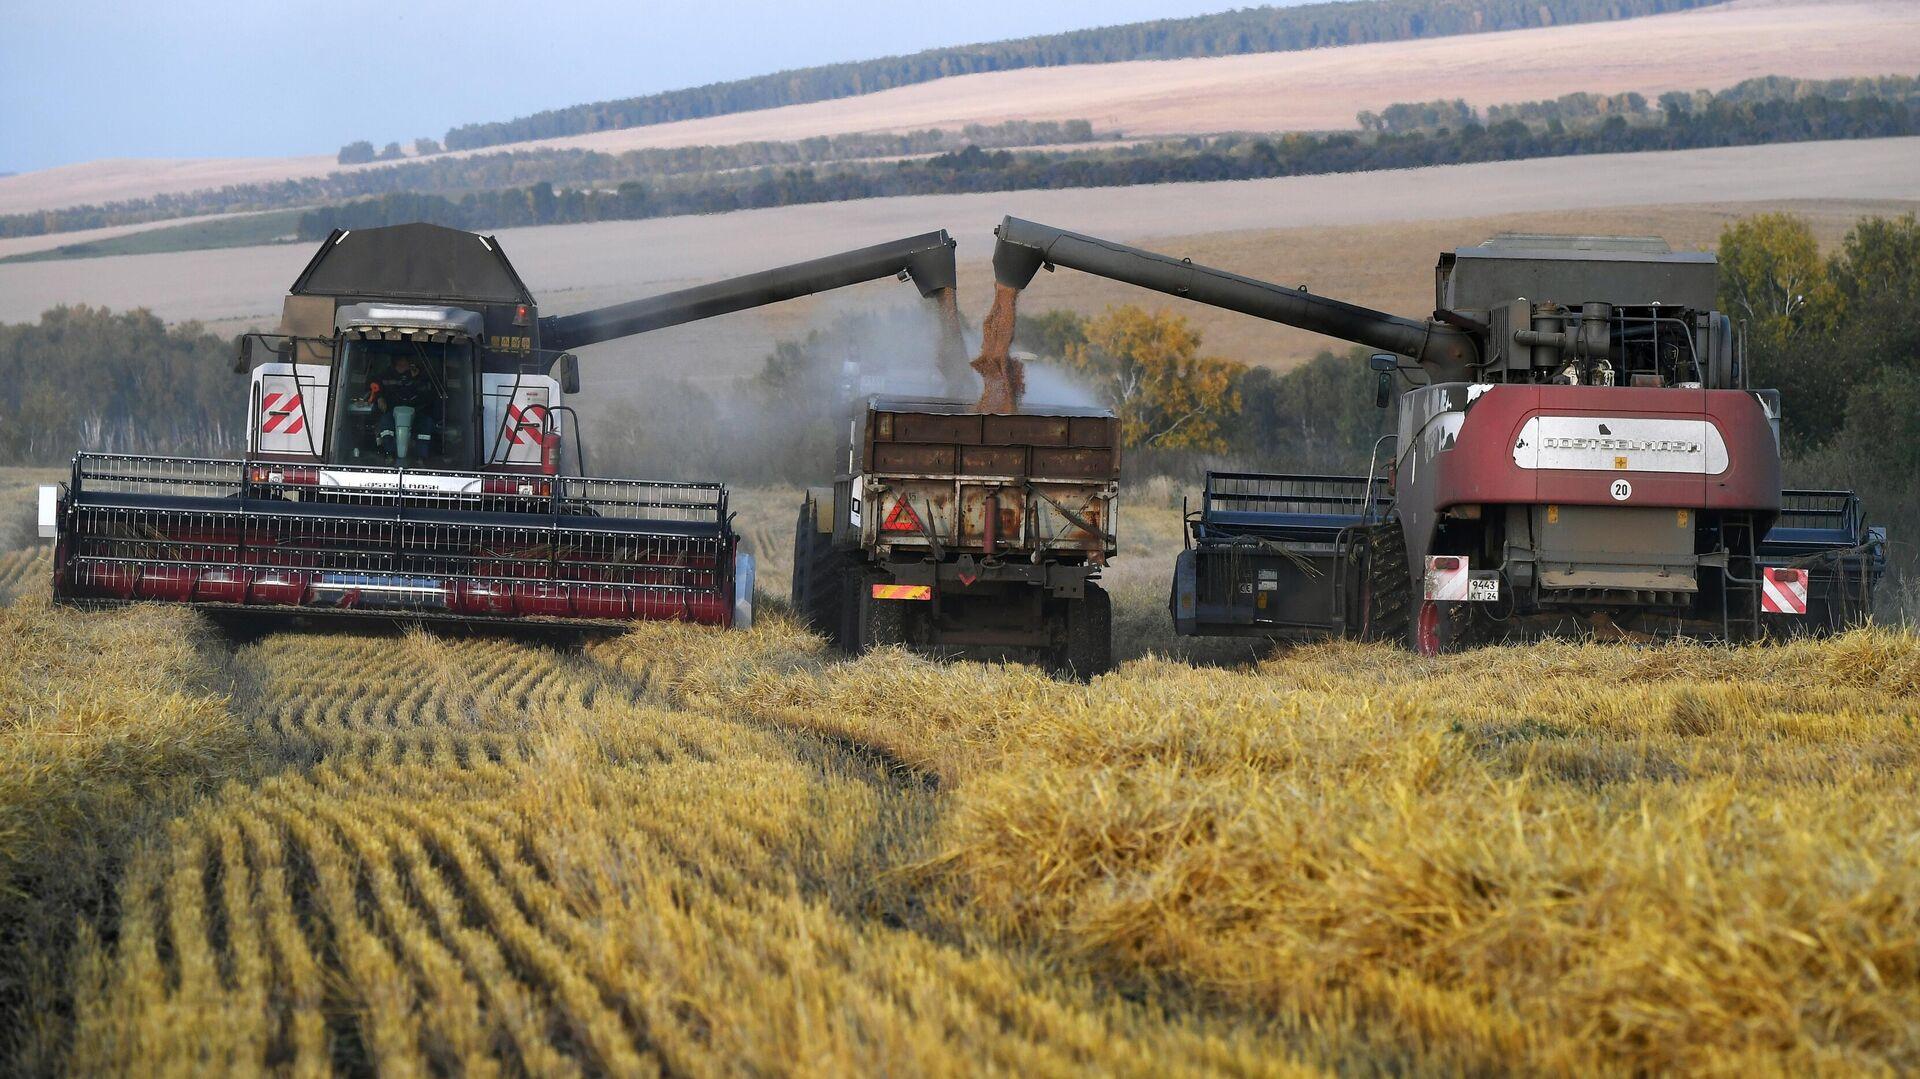 1577320022 0:90:3321:1958 1920x0 80 0 0 2160328bc9fd88c48bf7b406383a558c - Bloomberg признало господство России на мировом рынке пшеницы